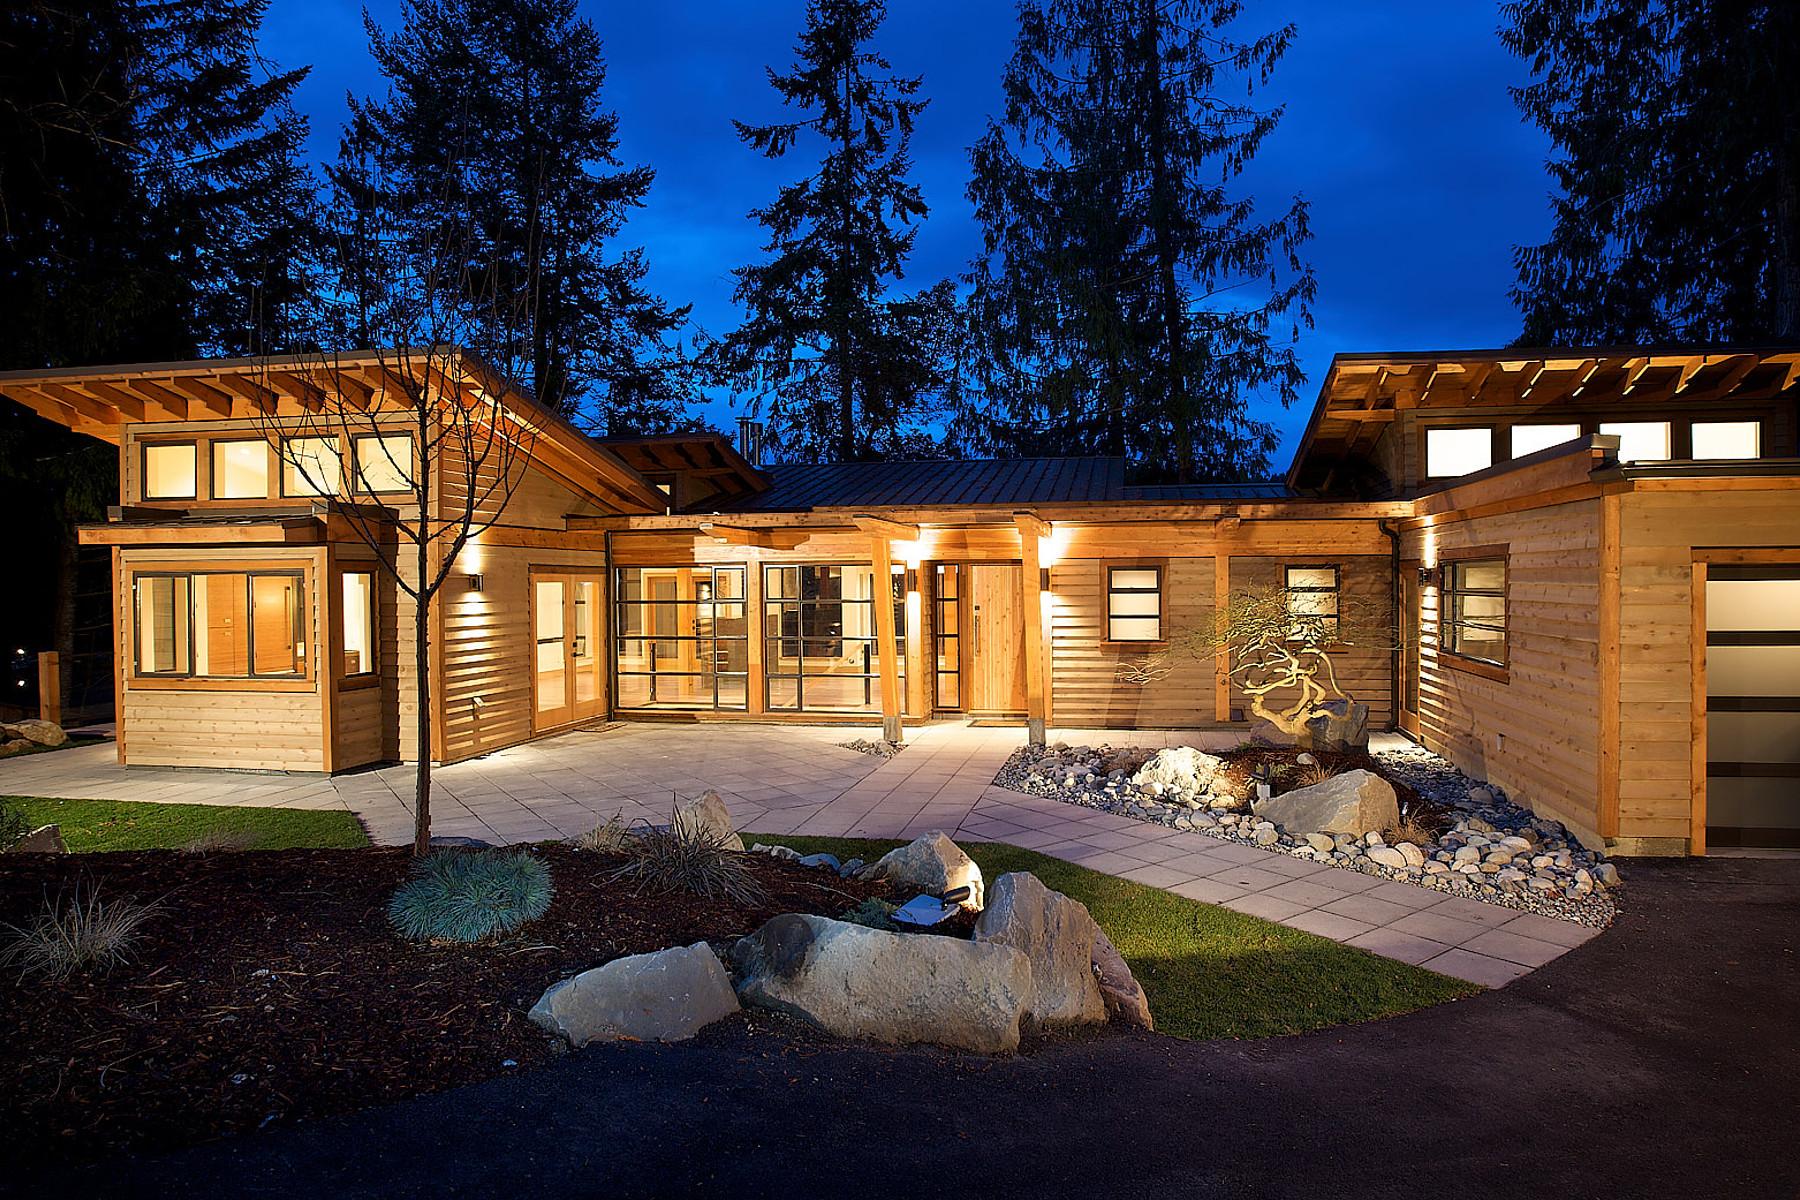 獨棟家庭住宅 為 出售 在 Cedarsea 126 Ontario Place, Salt Spring Island, 不列顛哥倫比亞省, V8K 2L5 加拿大